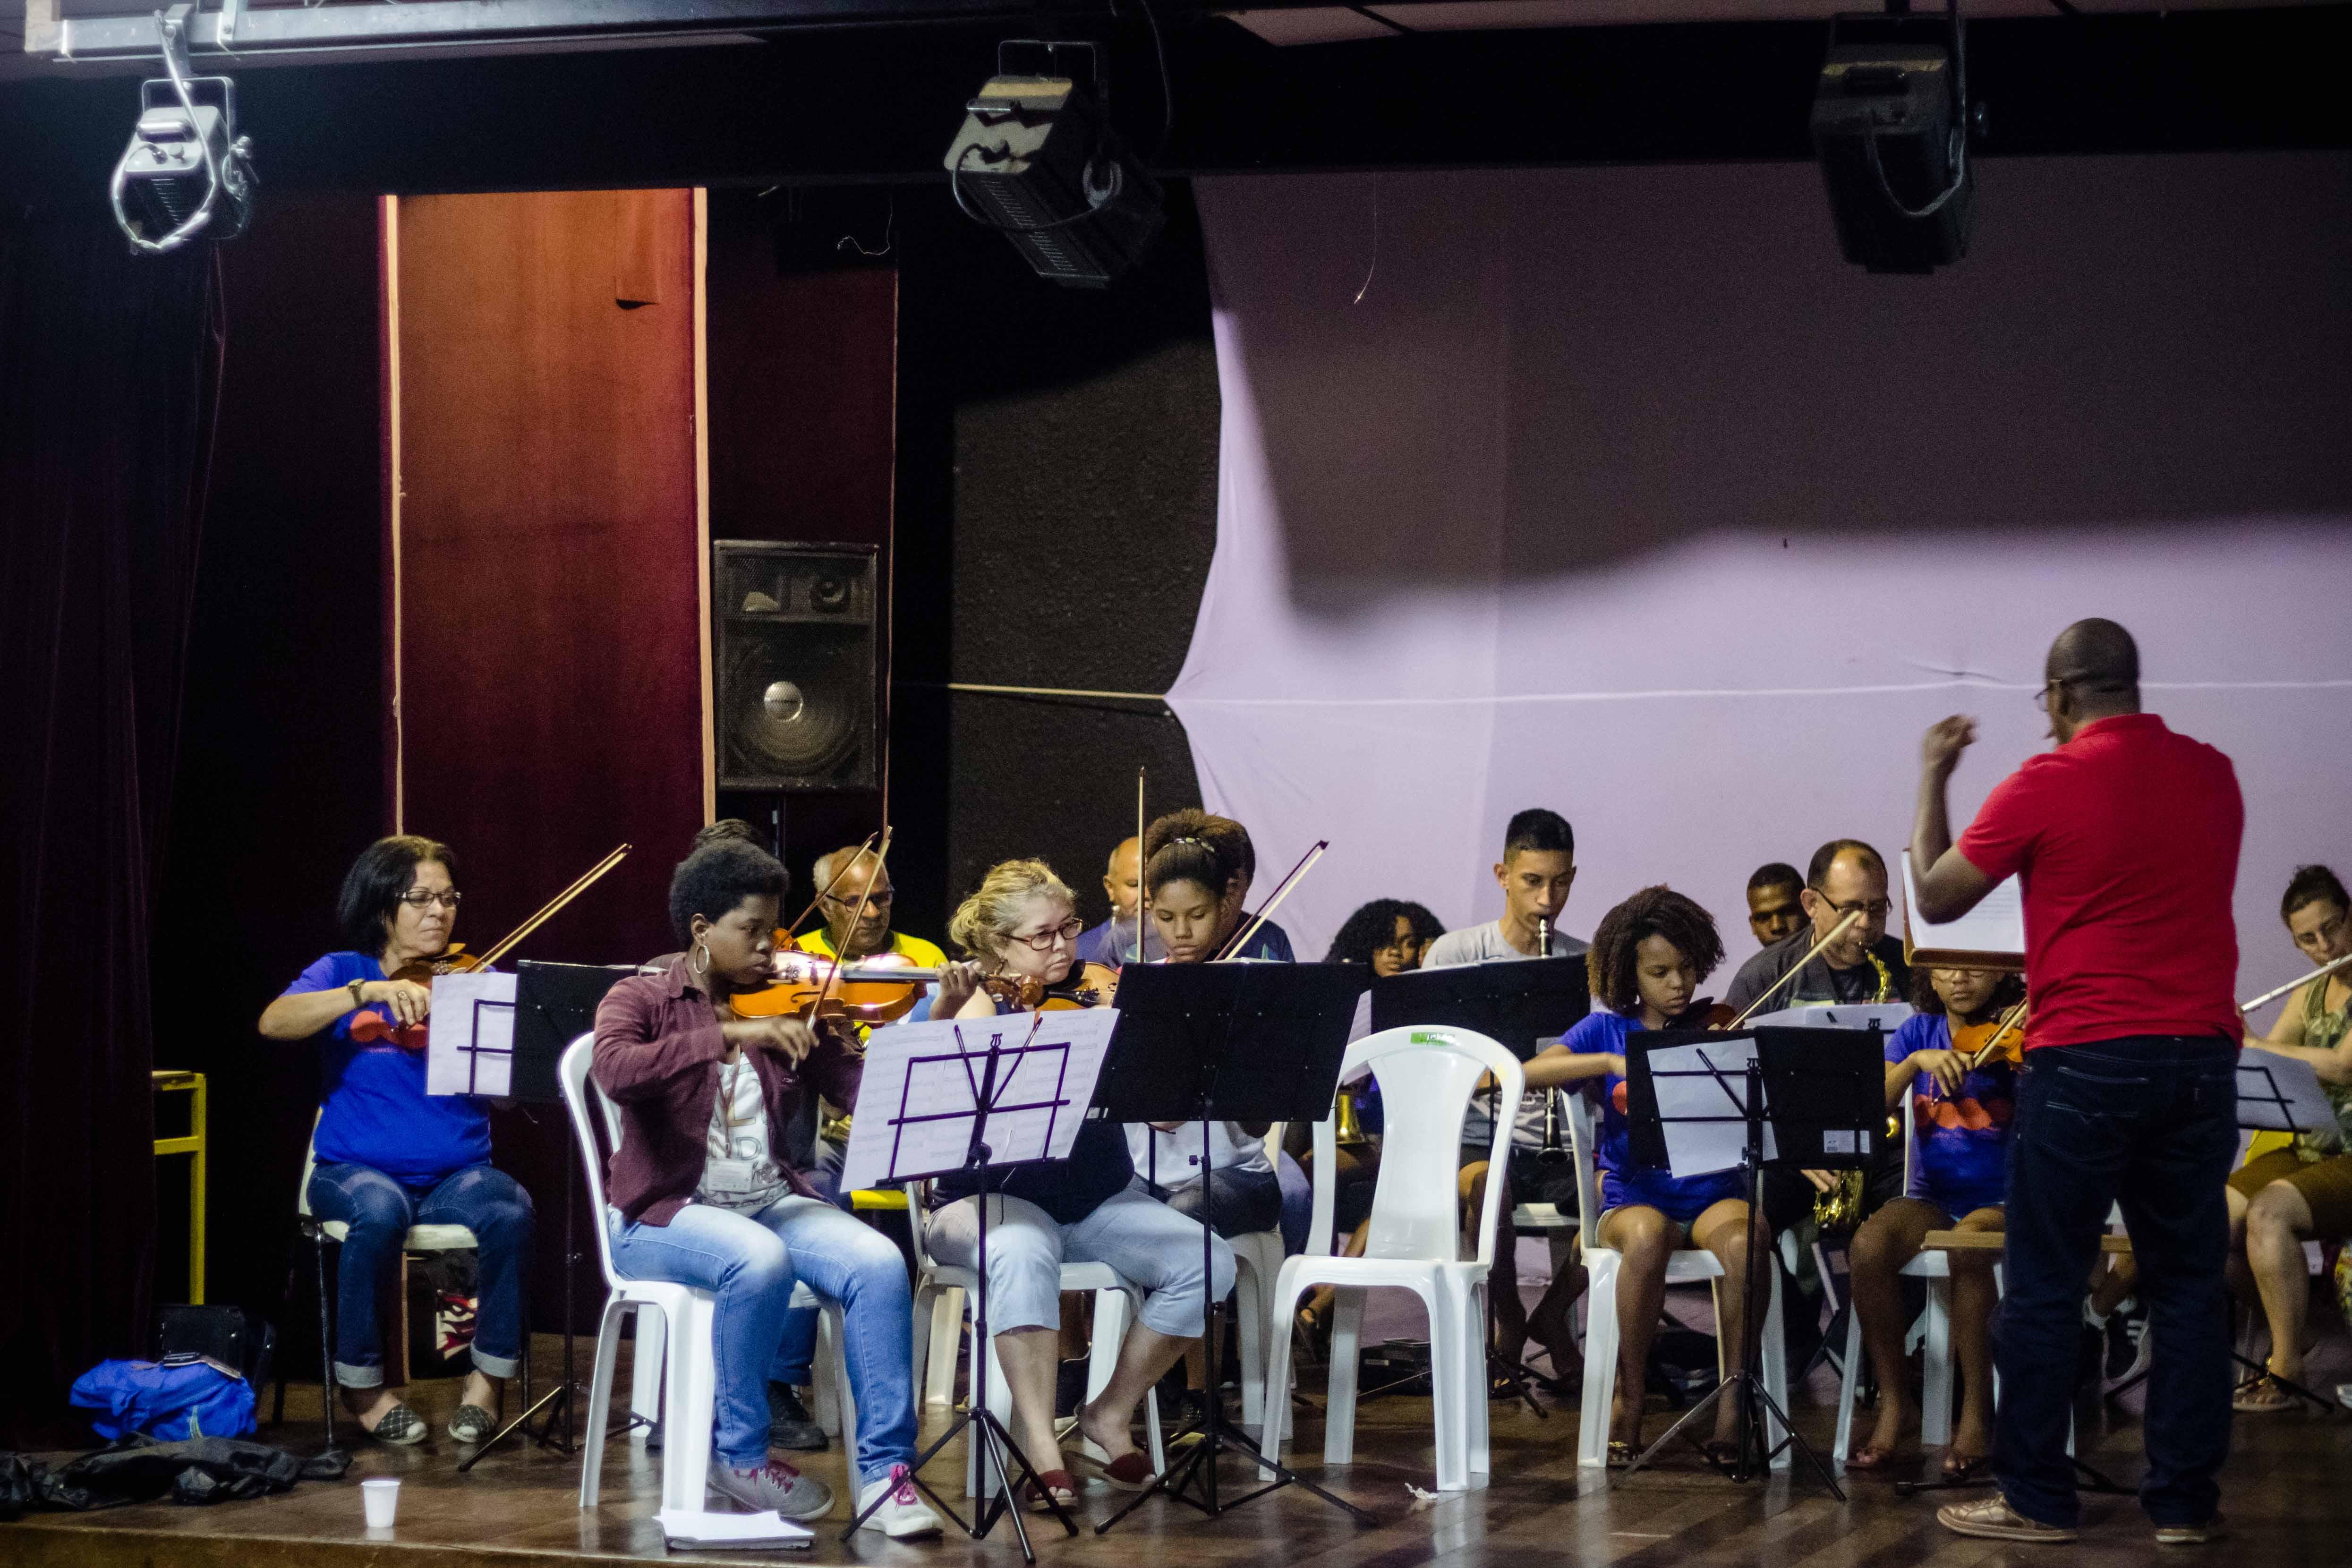 Ensaio da orquestra Bela Oeste no Teatro Mario Lago, na Vila Kennedy. Foto: Renato Moura/Voz Das Comunidades